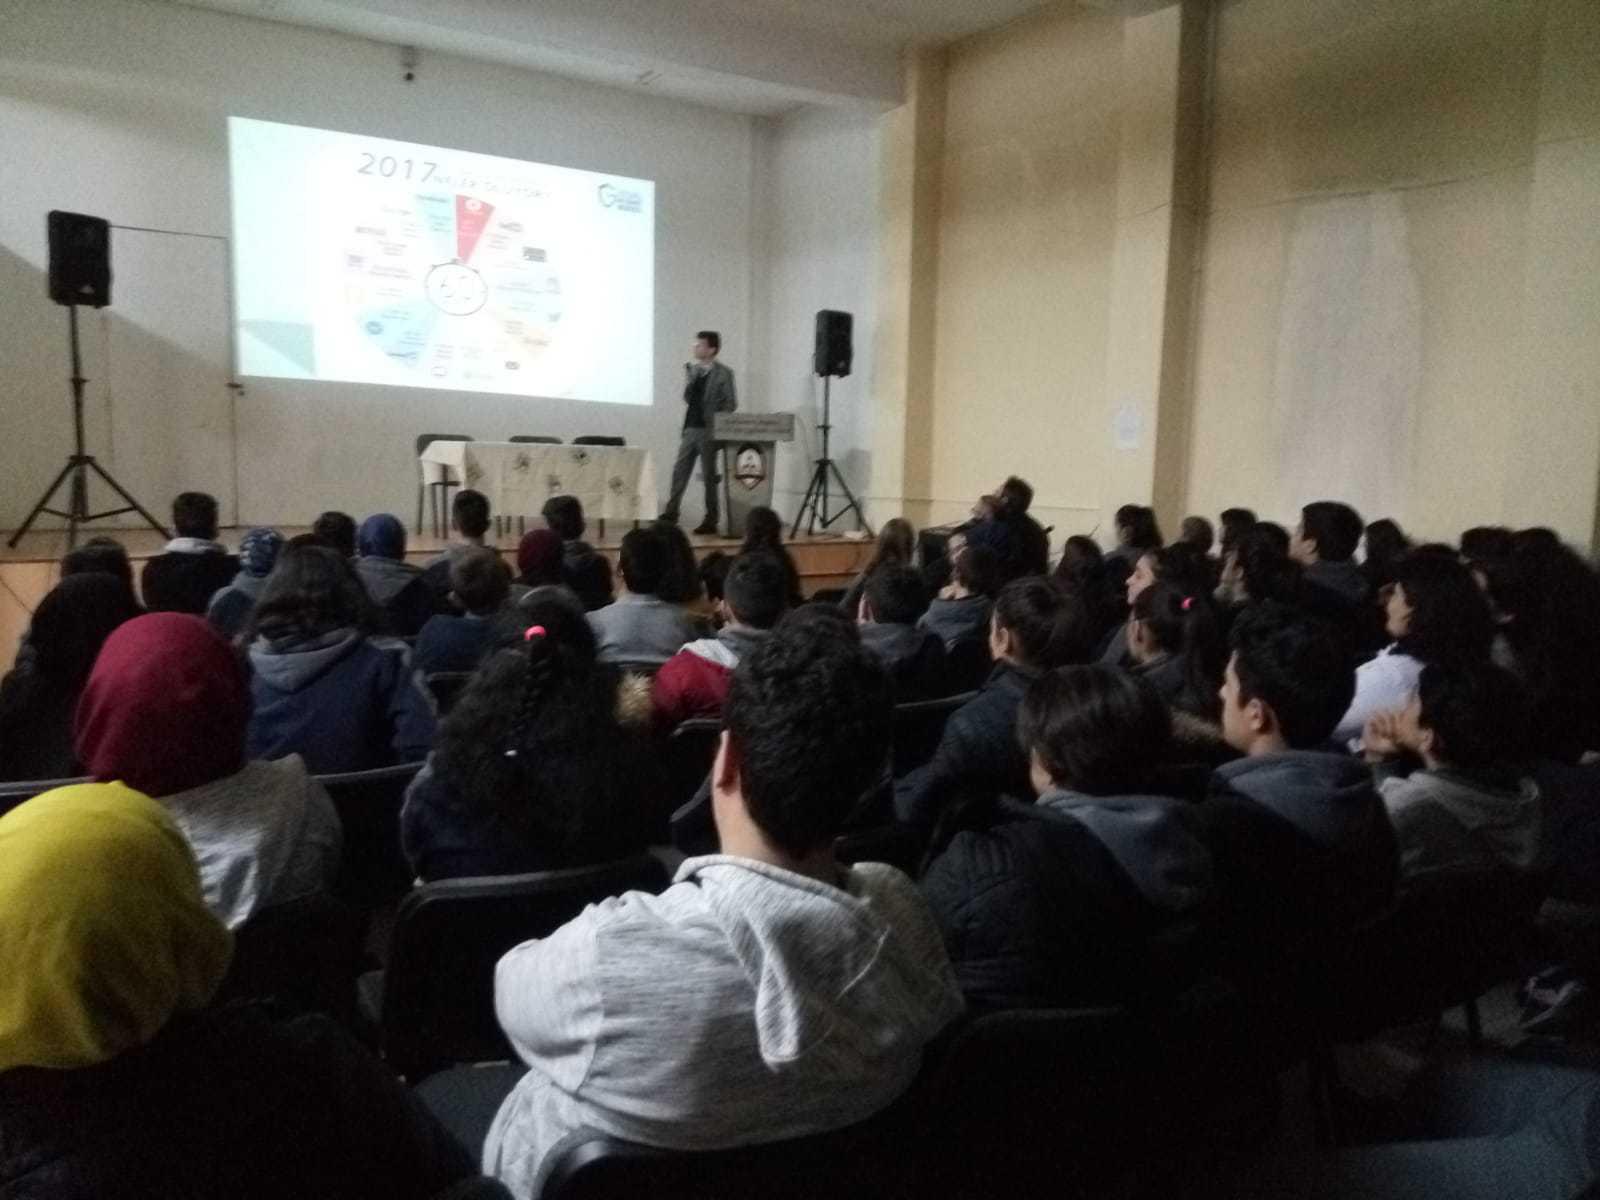 Kastamonu Aytaç Eruz Anadolu Lisesi, Bilinçli ve Güvenli İnternet Semineri